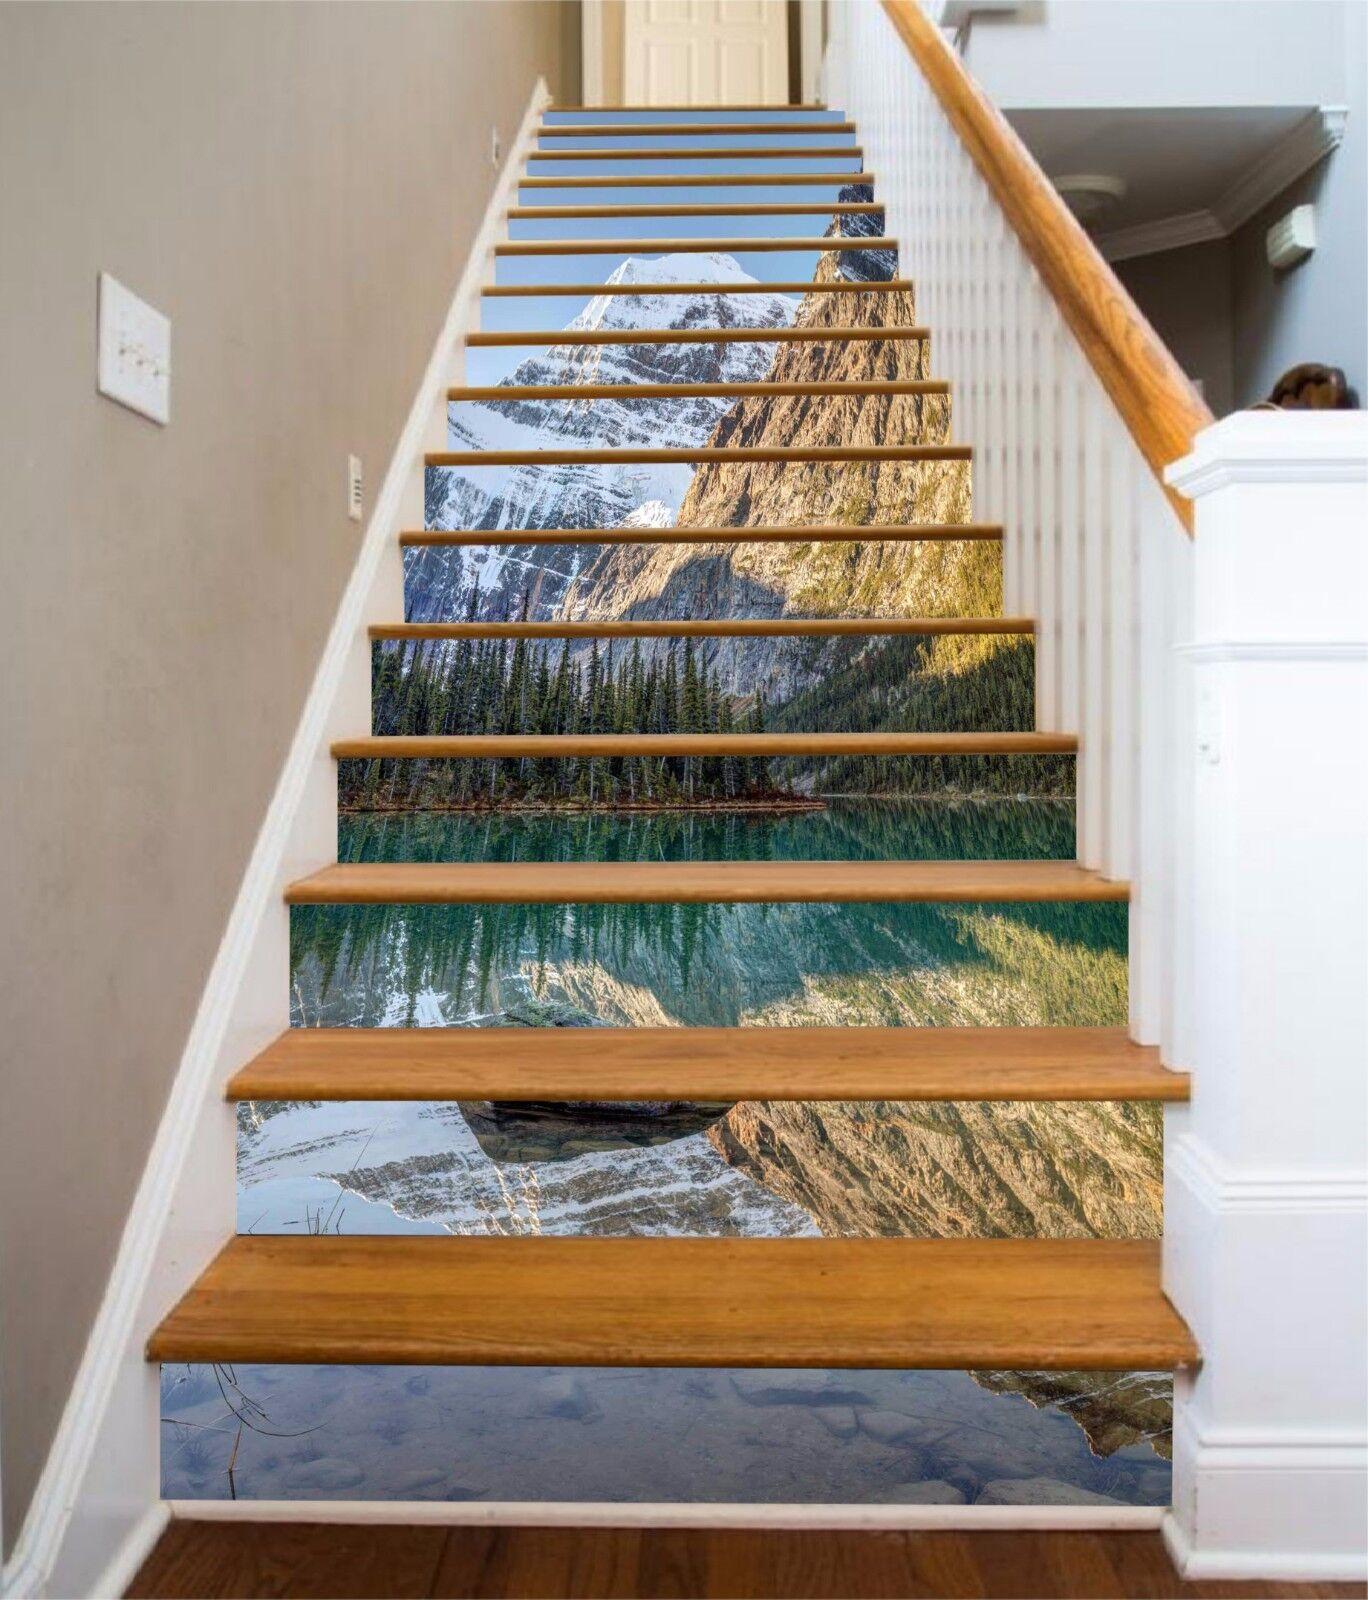 3D Pretty Lake 397 escaliers contremarches Décoration Photo Murale Autocollant Vinyle Papier Peint US